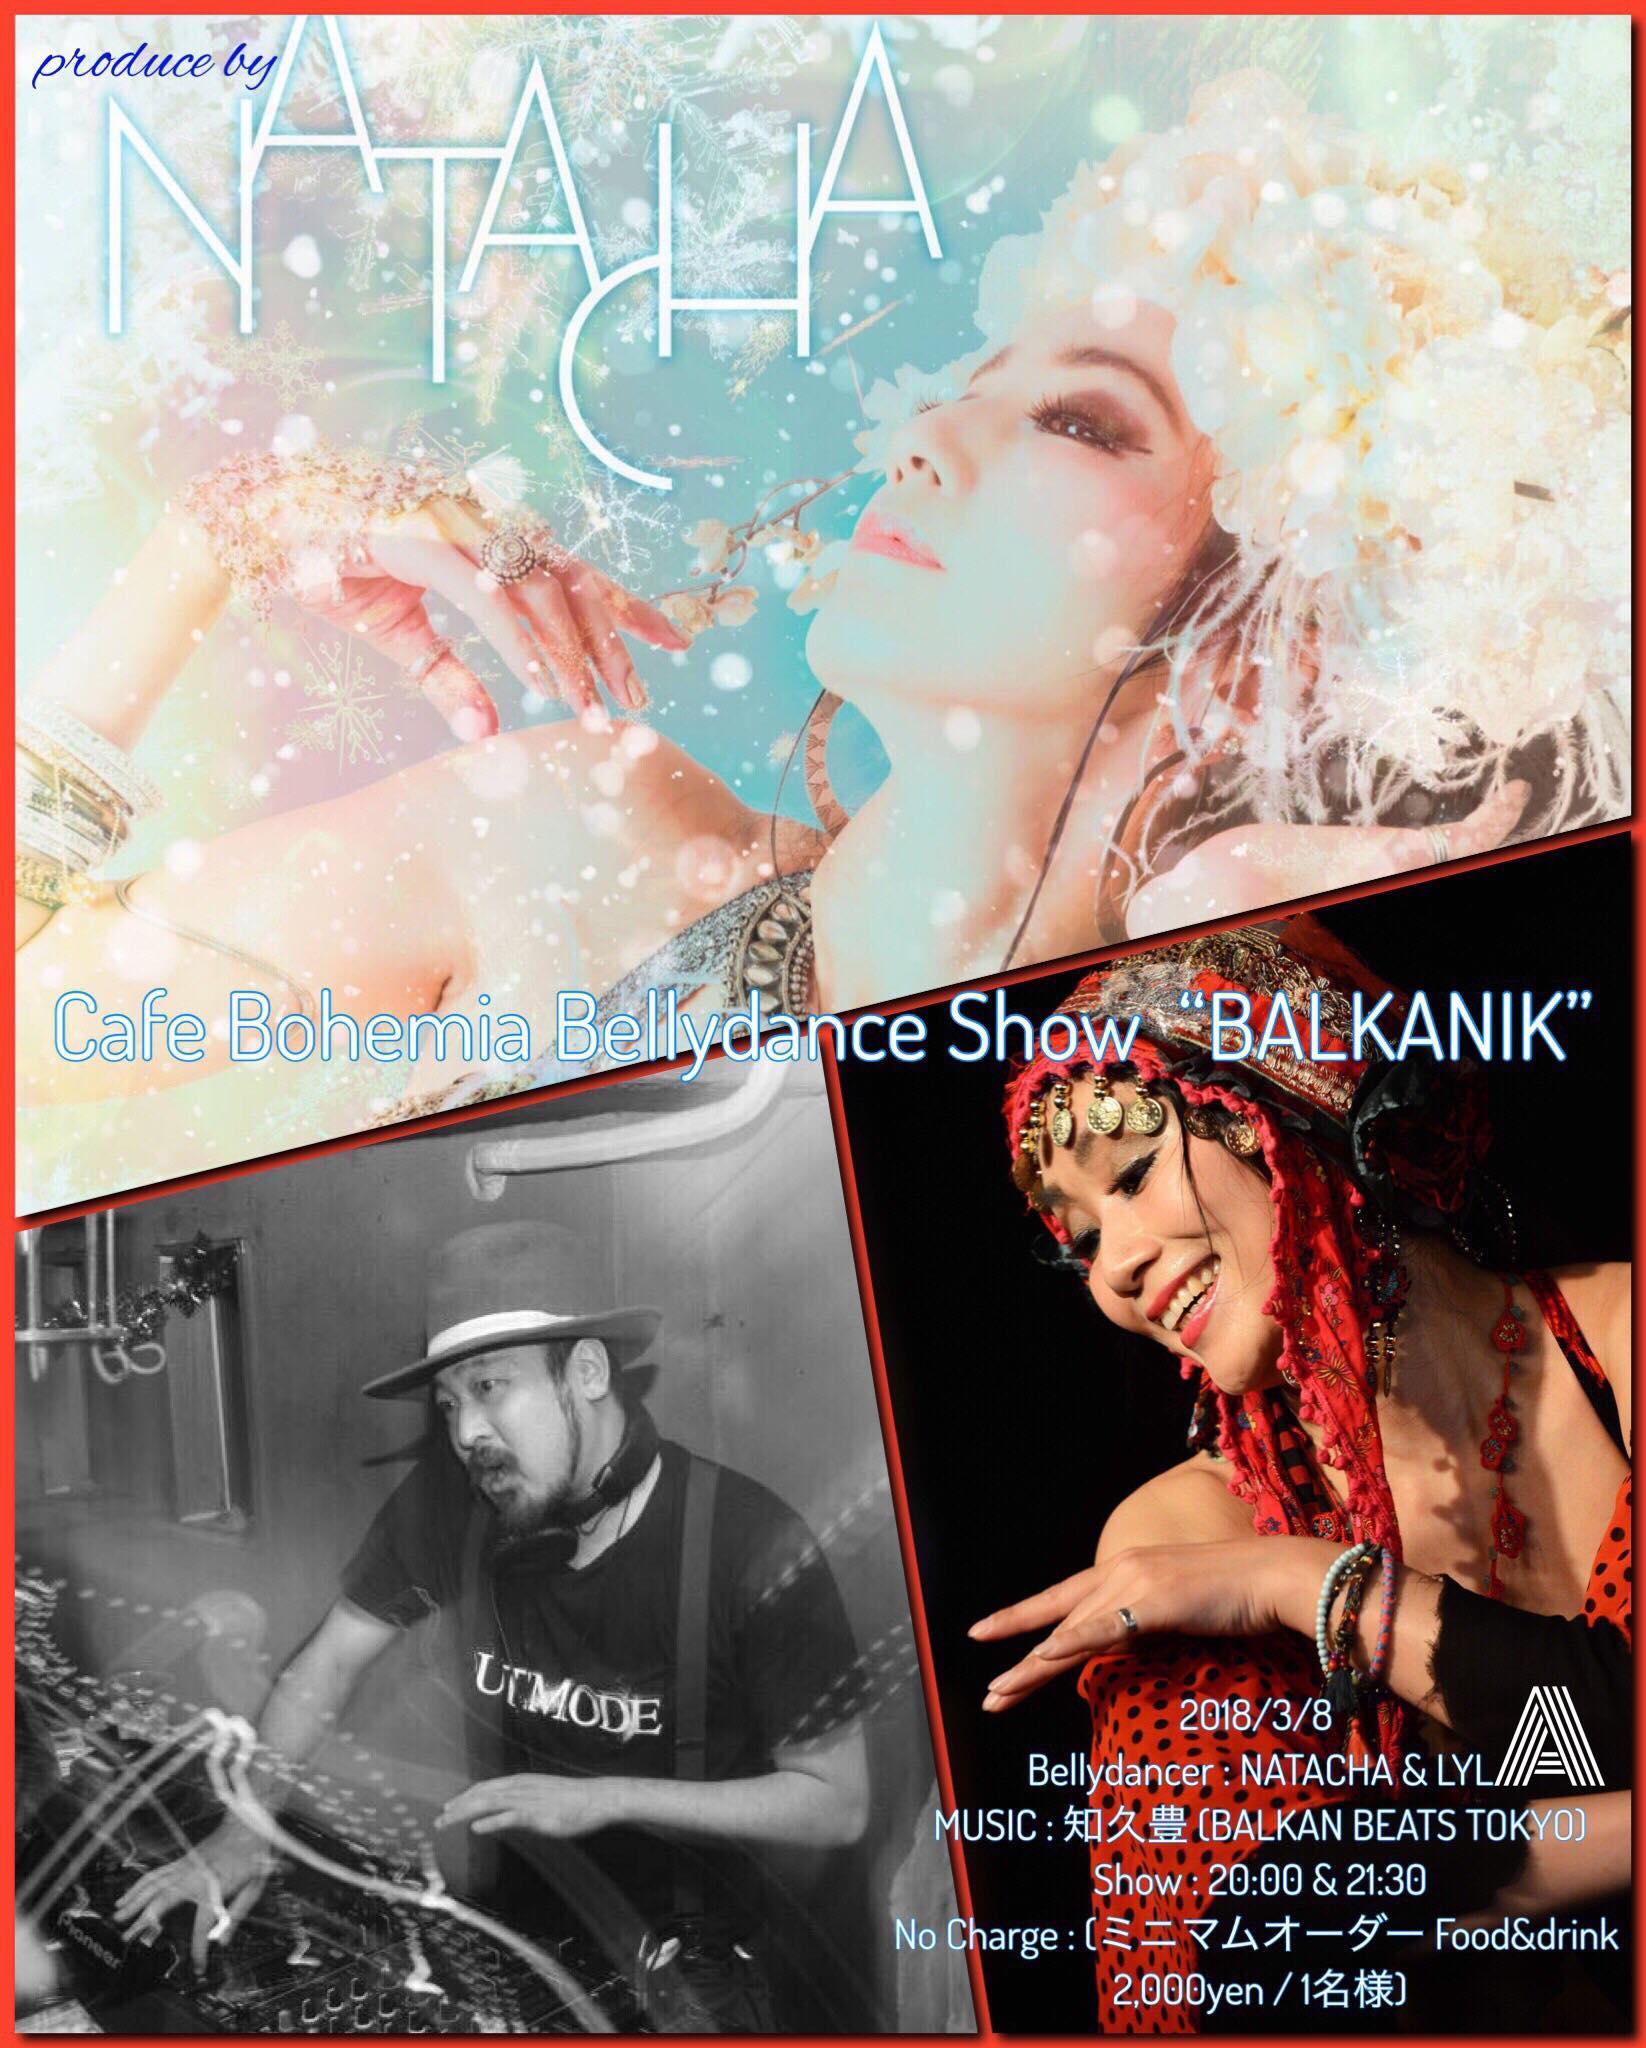 """2018/3/8 Cafe Bohemia Bellydance Show """"BALKANIK"""""""